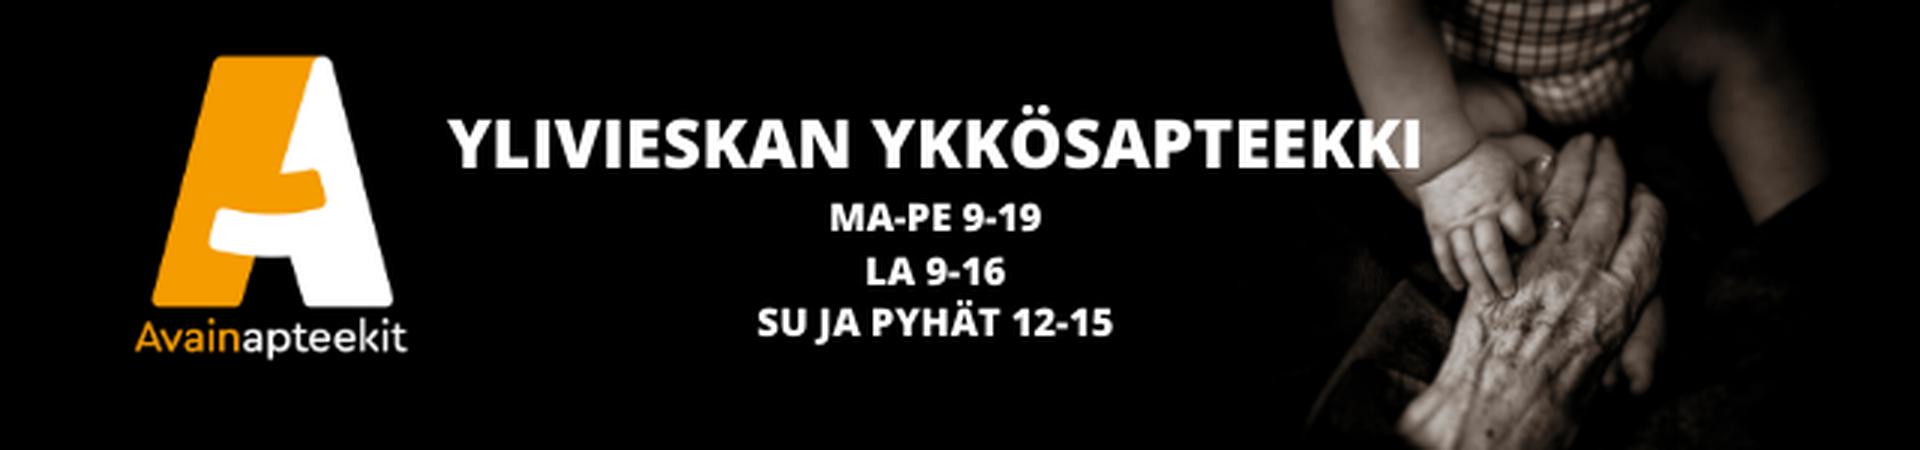 Ylivieskan Ykkösapteekki ma-pe 9-20, la 9-16, su ja pyhät 12-15